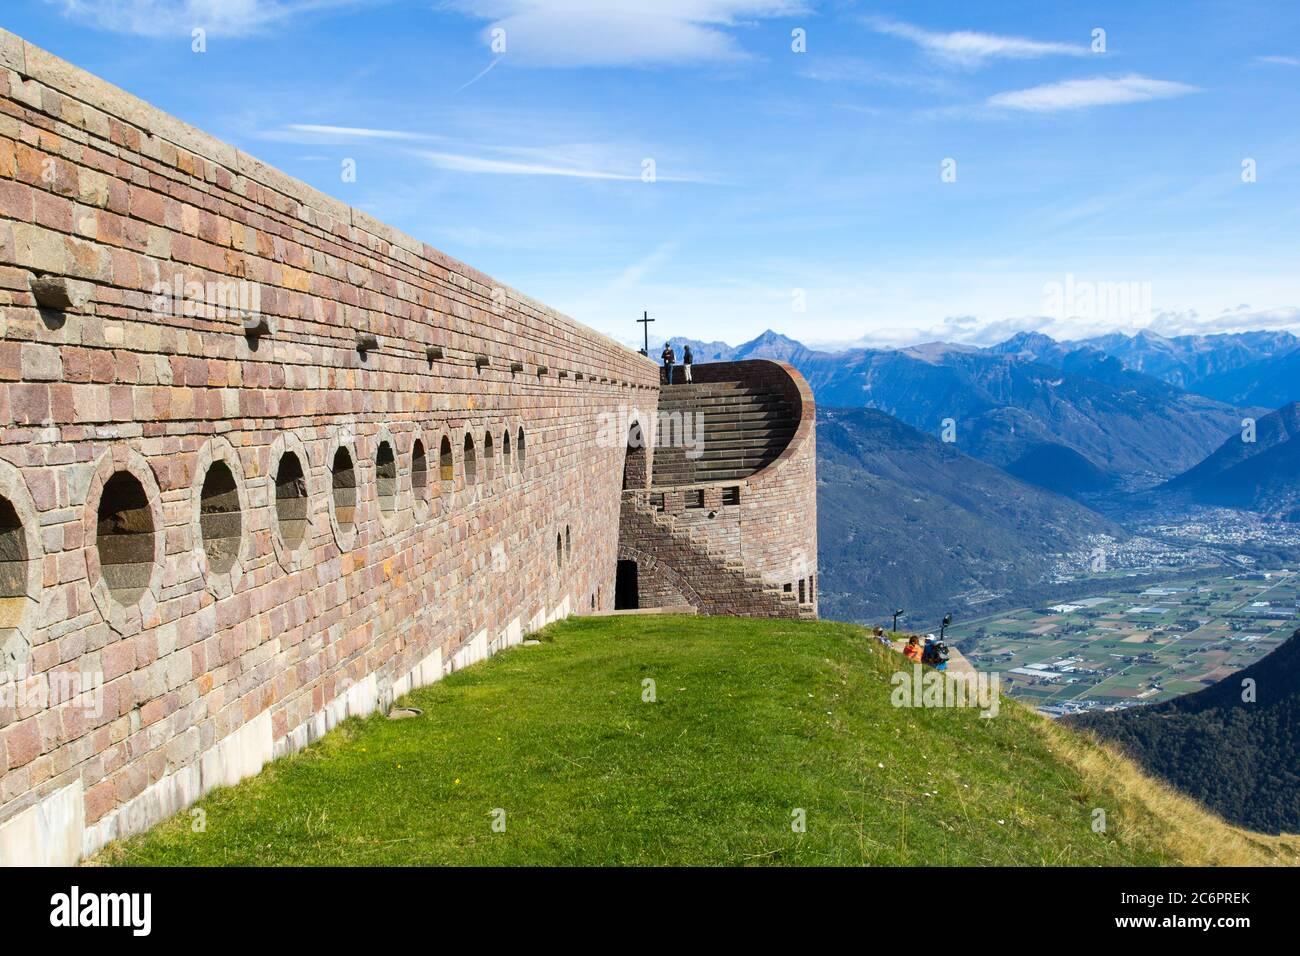 Tamaro, Suiza - 03 de octubre de 218: Capilla de Santa Maria degli Angeli en el Monte Tamaro por el archtecto suizo Mario Botta en el Cantón Ticino, Switzil Foto de stock